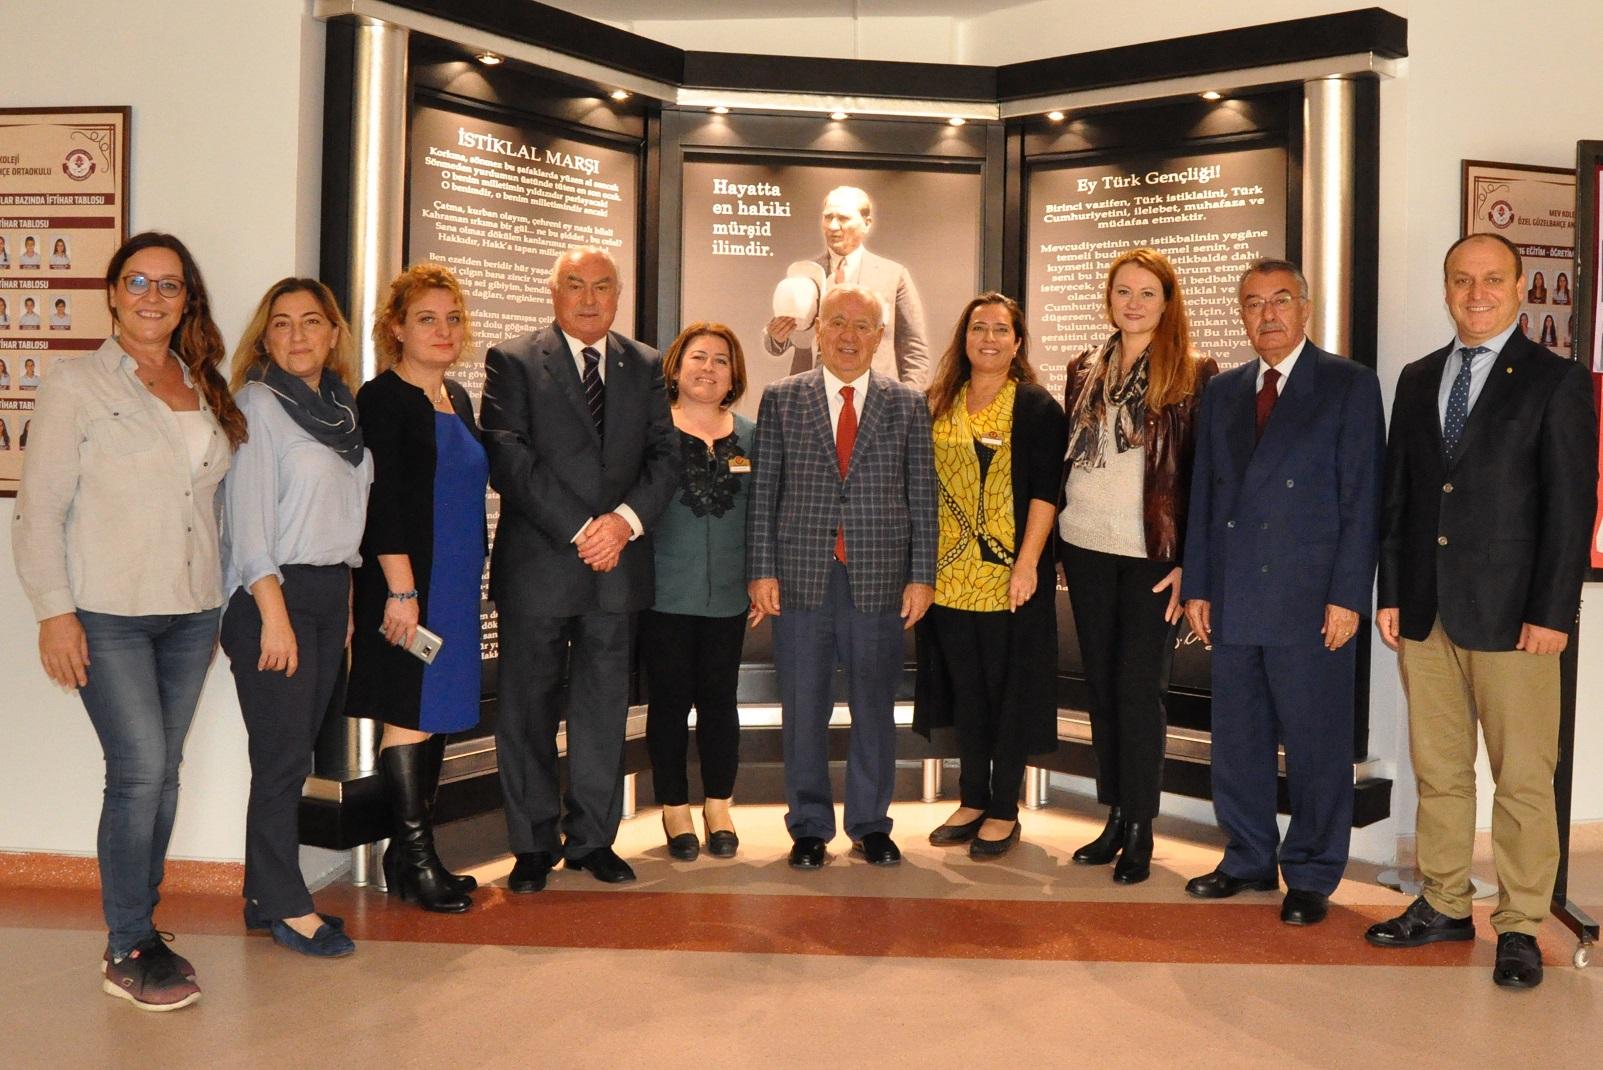 MEV Denetim Kurulu Yeni Eğitim Öğretim Yılında Okul Aile Birliğine Başarılar Diledi